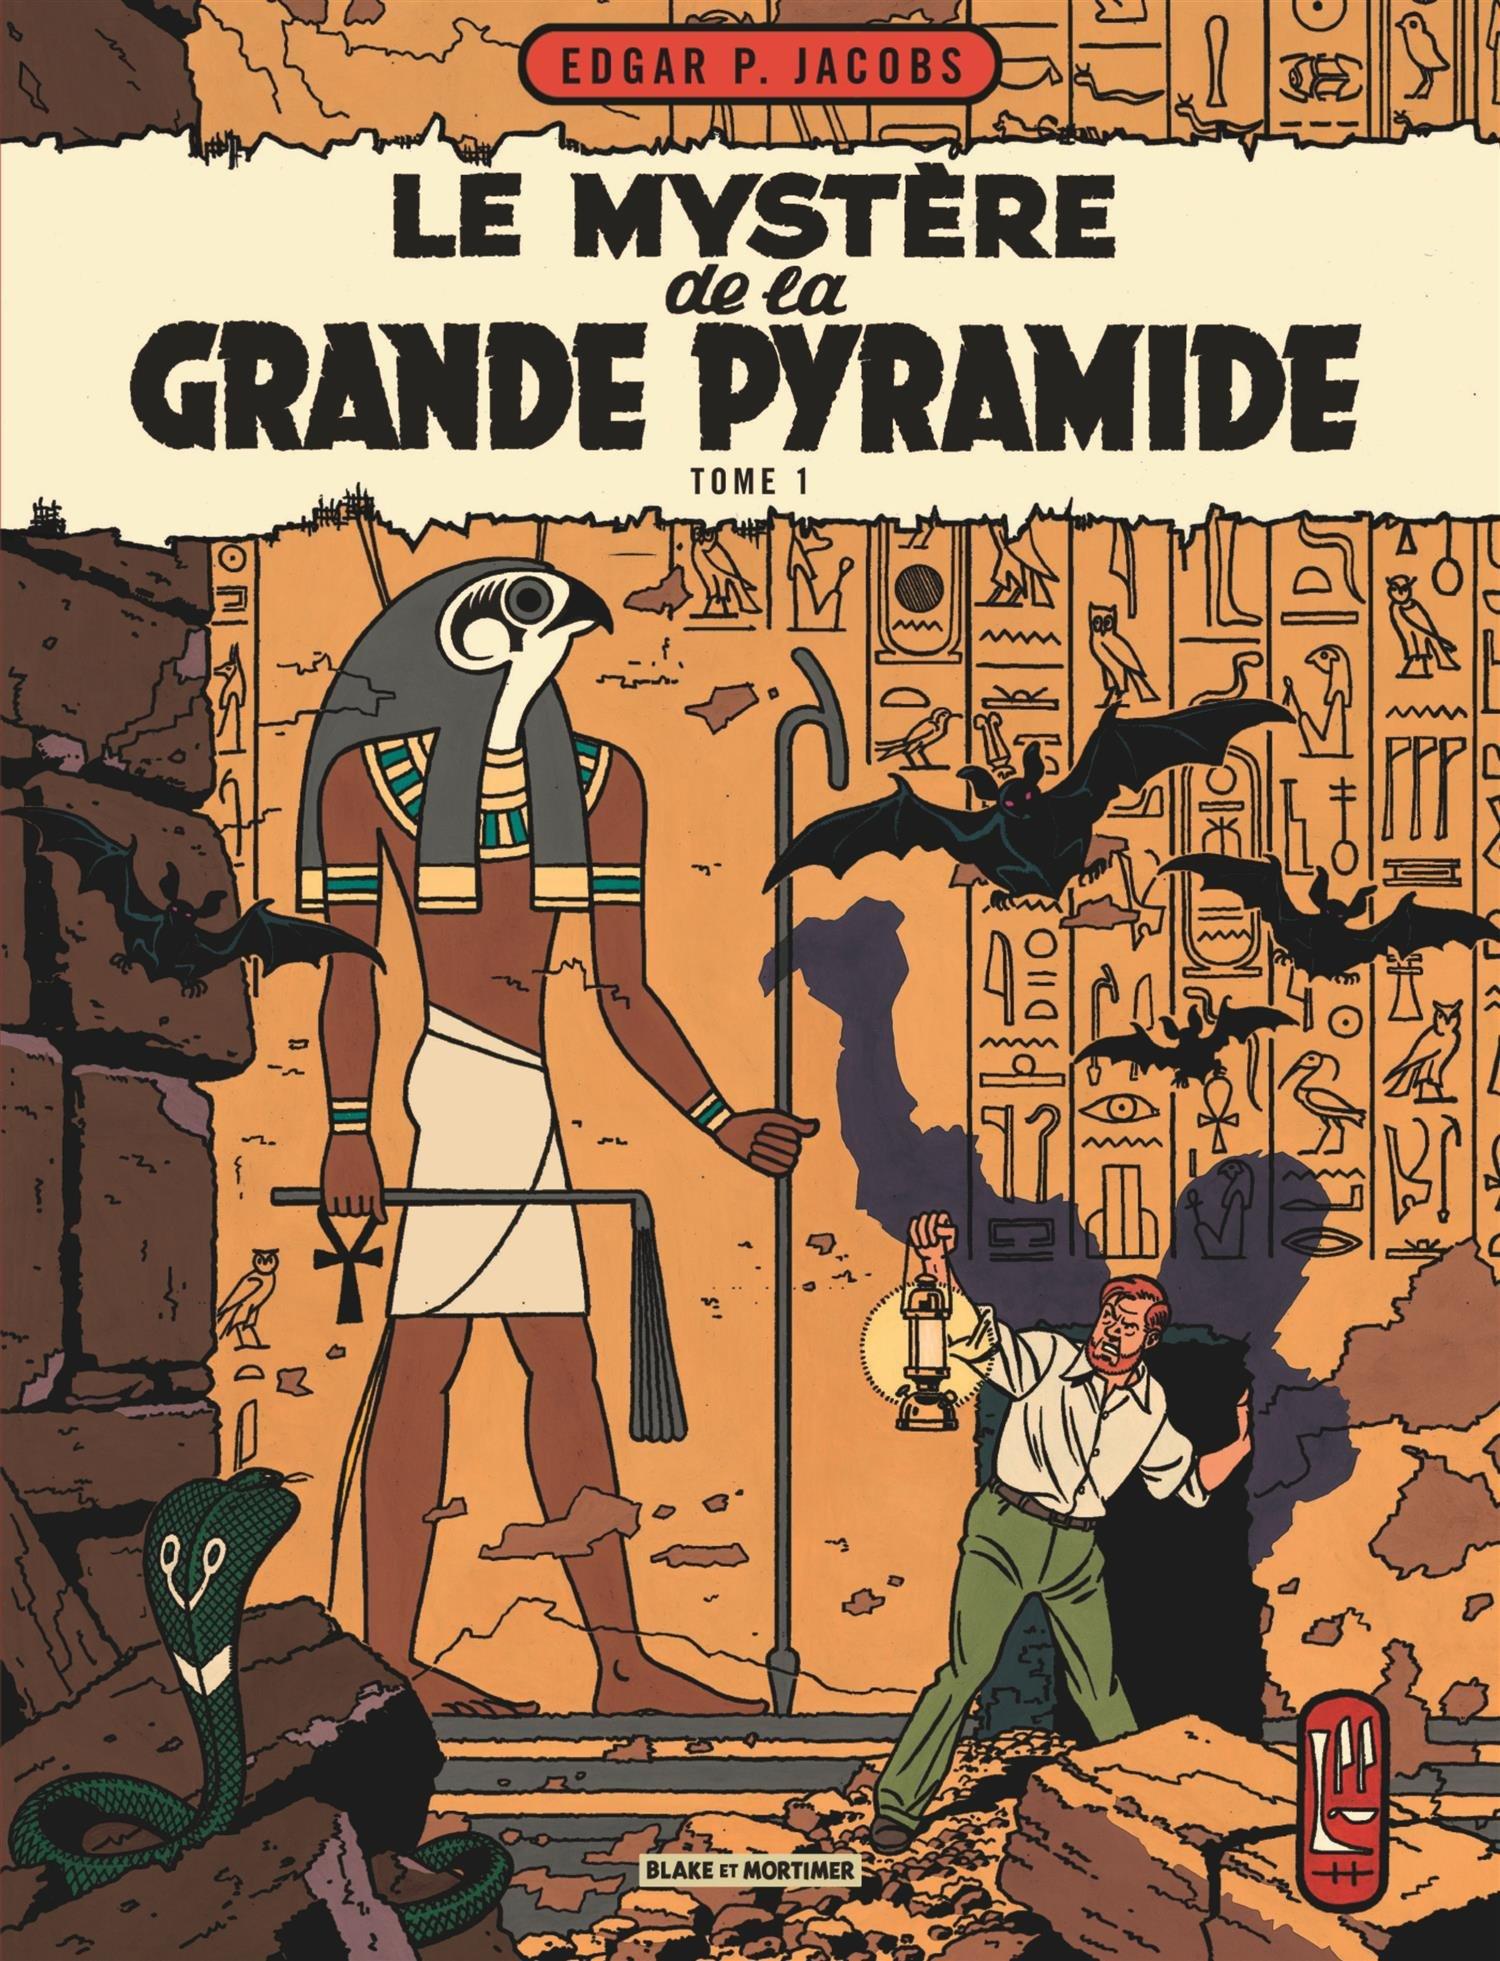 Amazon Blake & Mortimer tome 4 Myst¨re de la grande